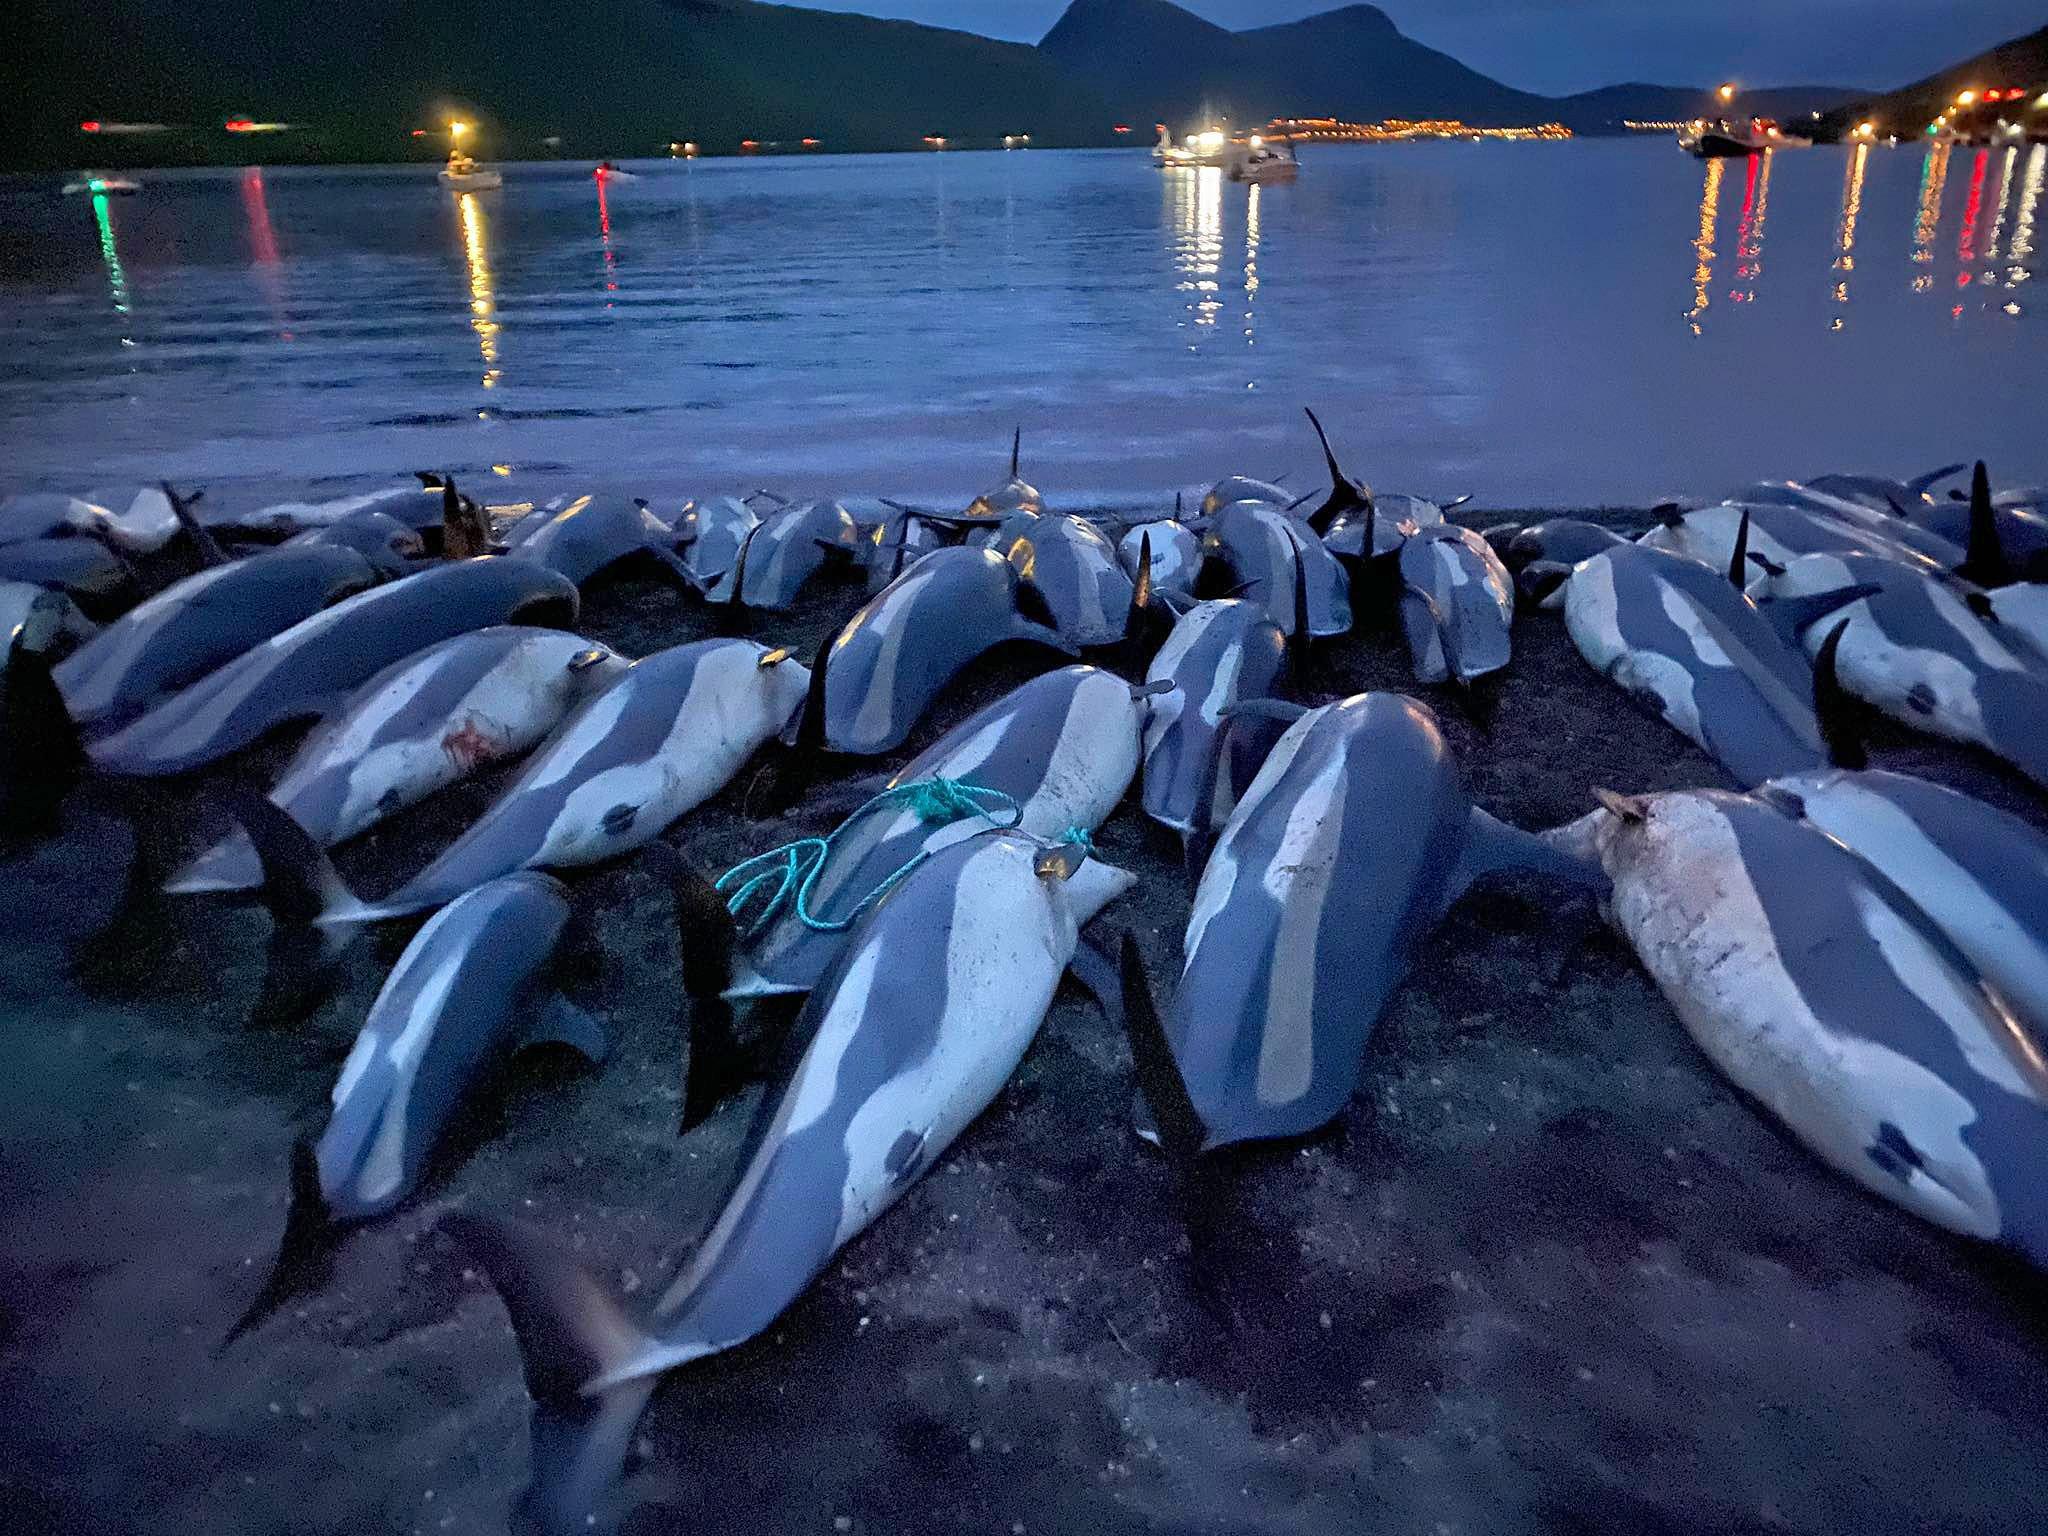 gobierno de las islas feroe investiga matanza de delfines